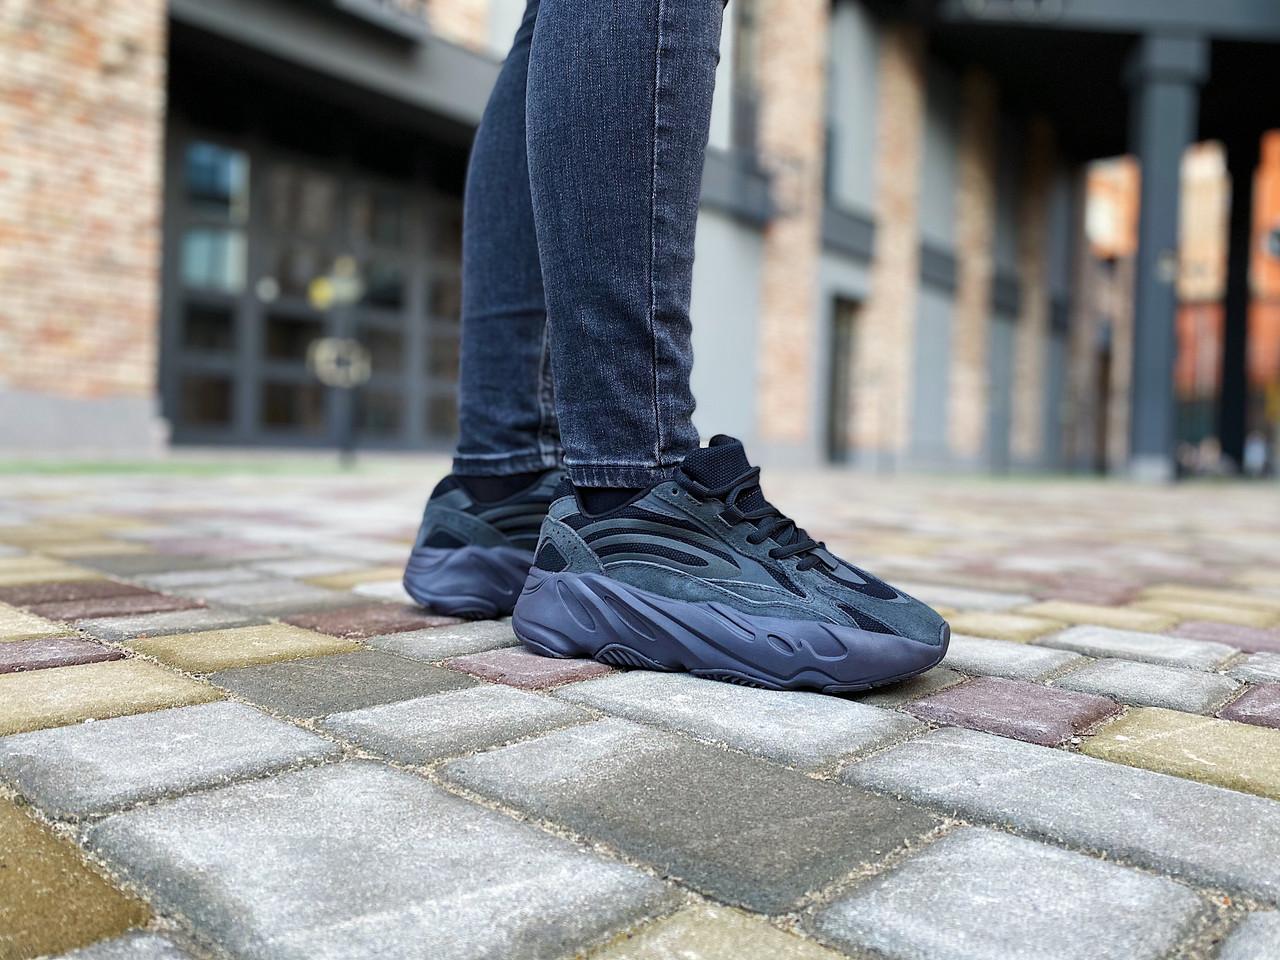 """Кроссовки женские Adidas Yeezy Boost 700 V2 """"Vanta"""" / FU6684 (Размеры:37,38,38.5,39)"""